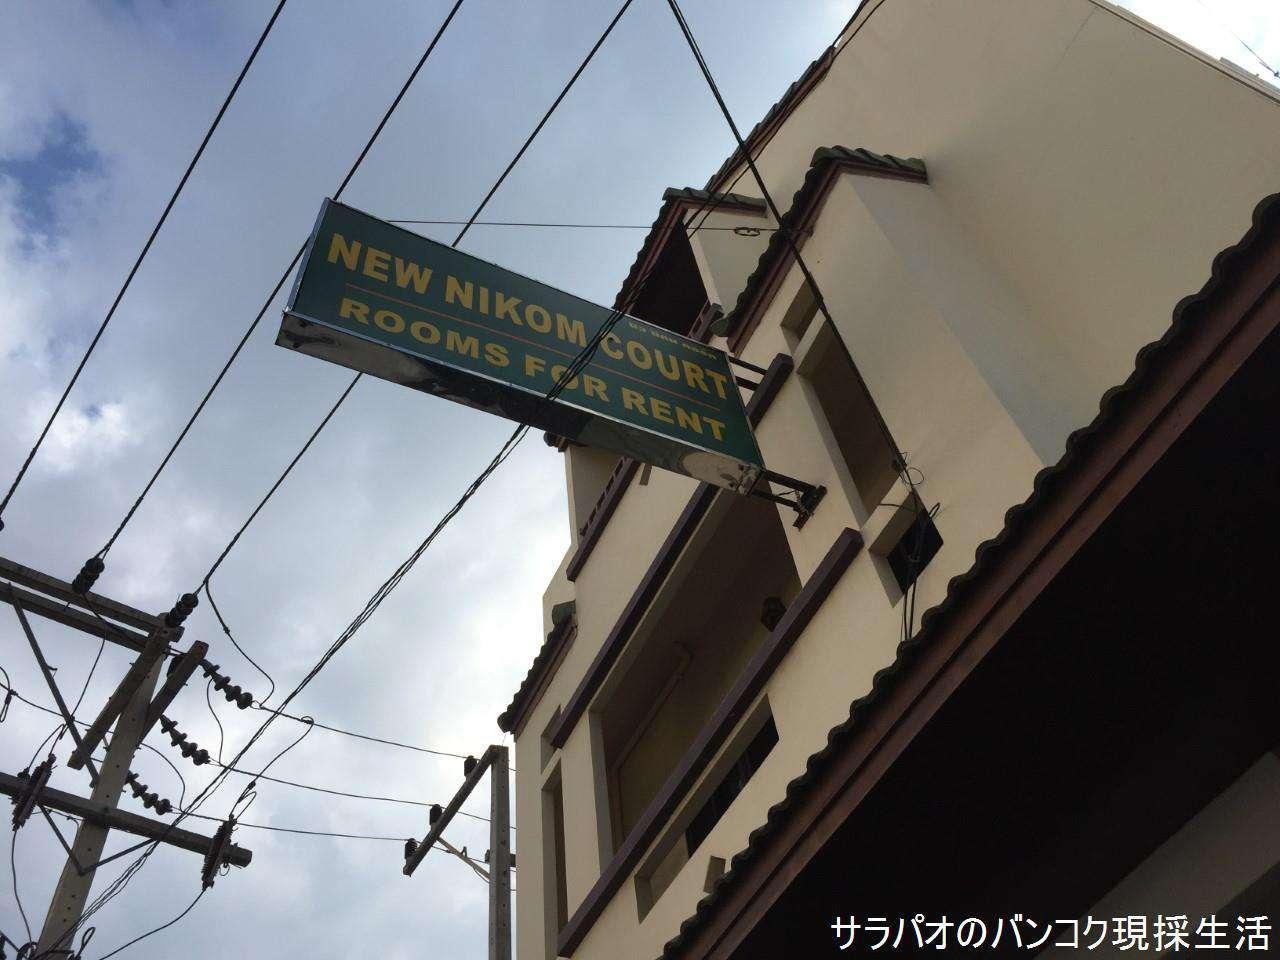 NewNikomCourt_11.jpg